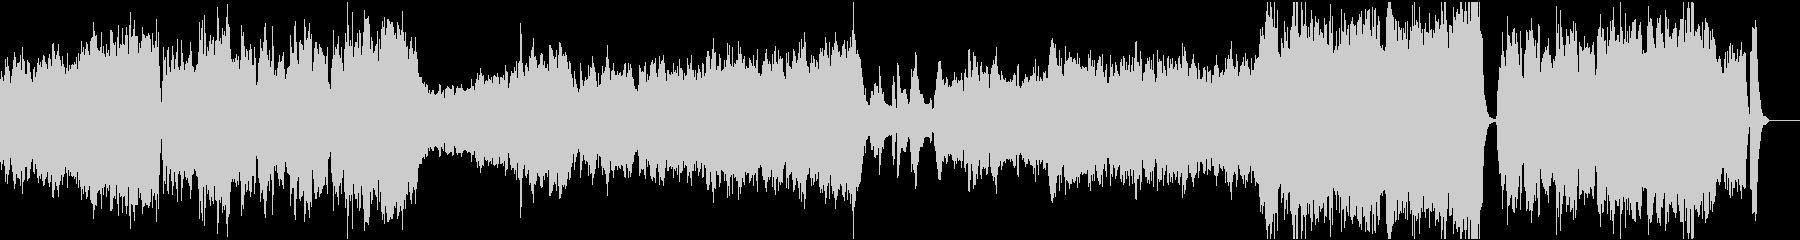 ゲームのオープニングや映像用オーケストラの未再生の波形